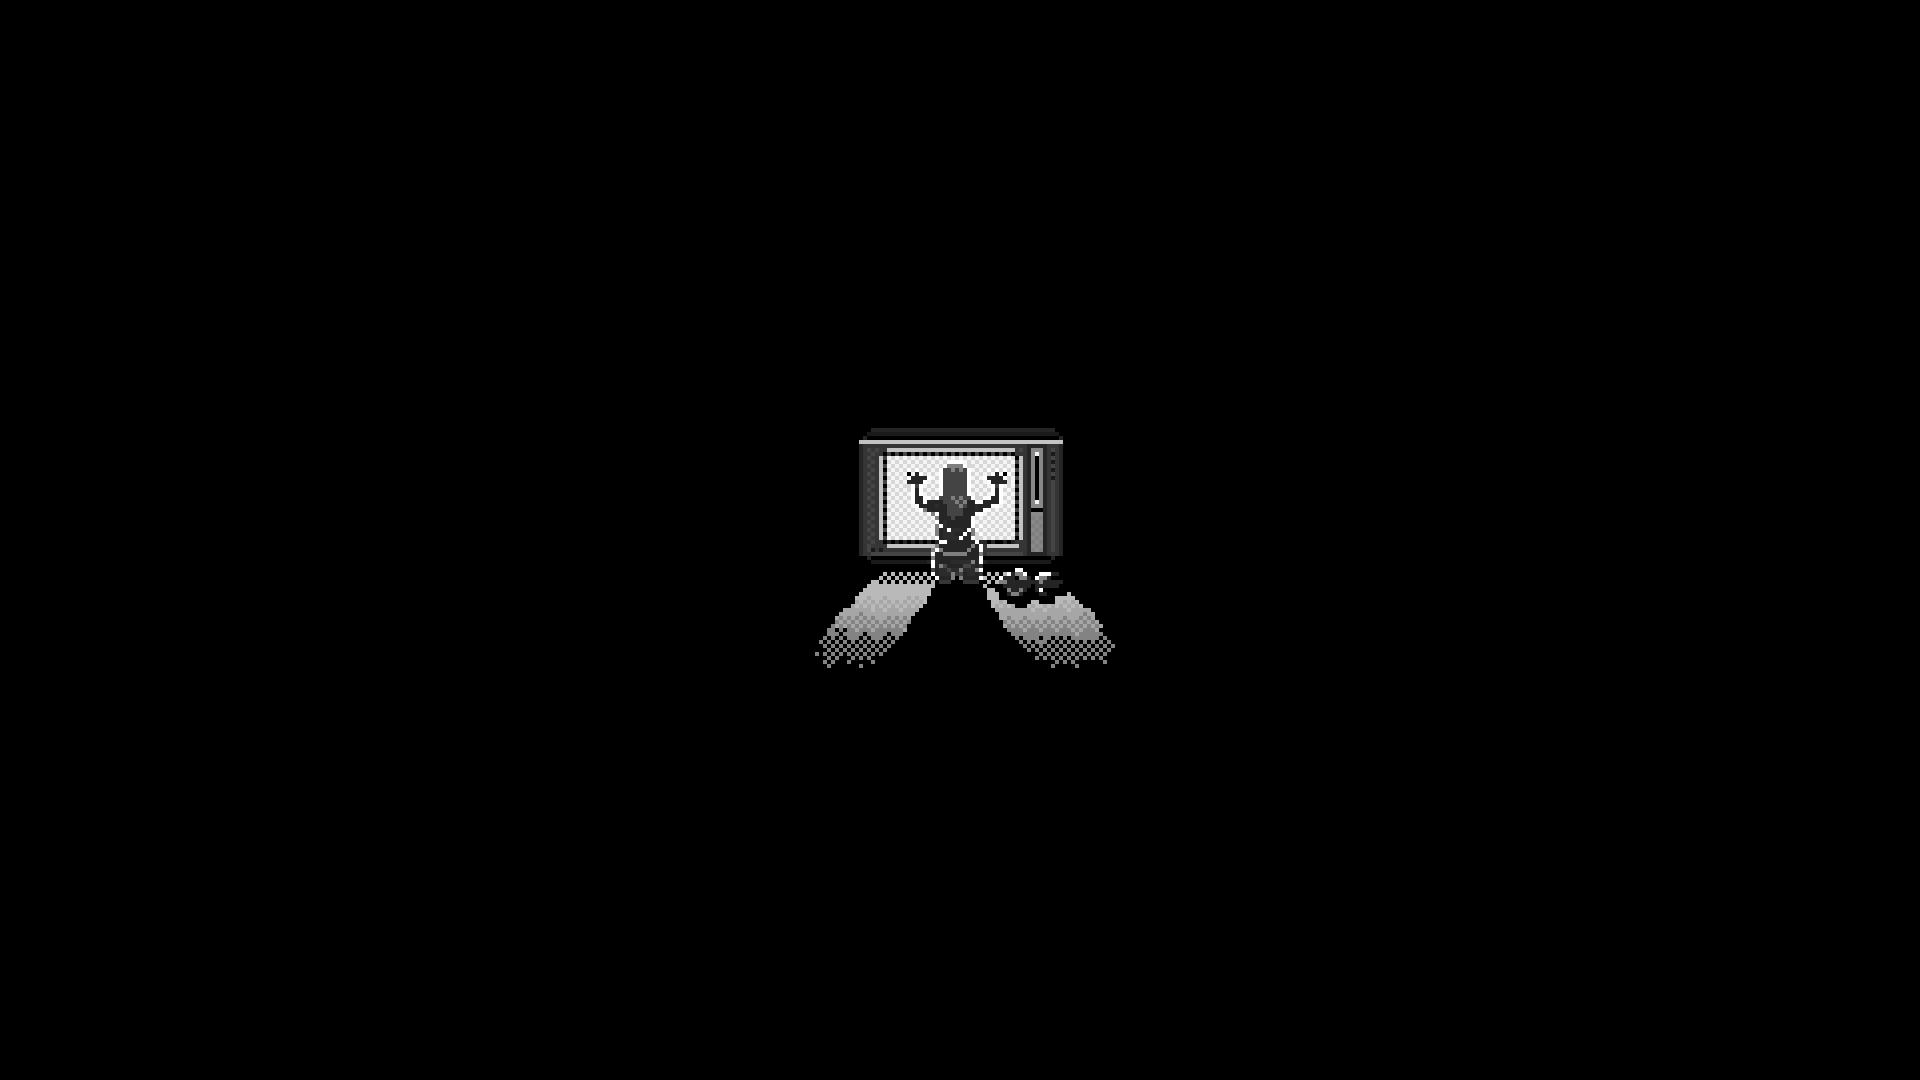 Pixel Movie Wallpaper Wallpapersafari